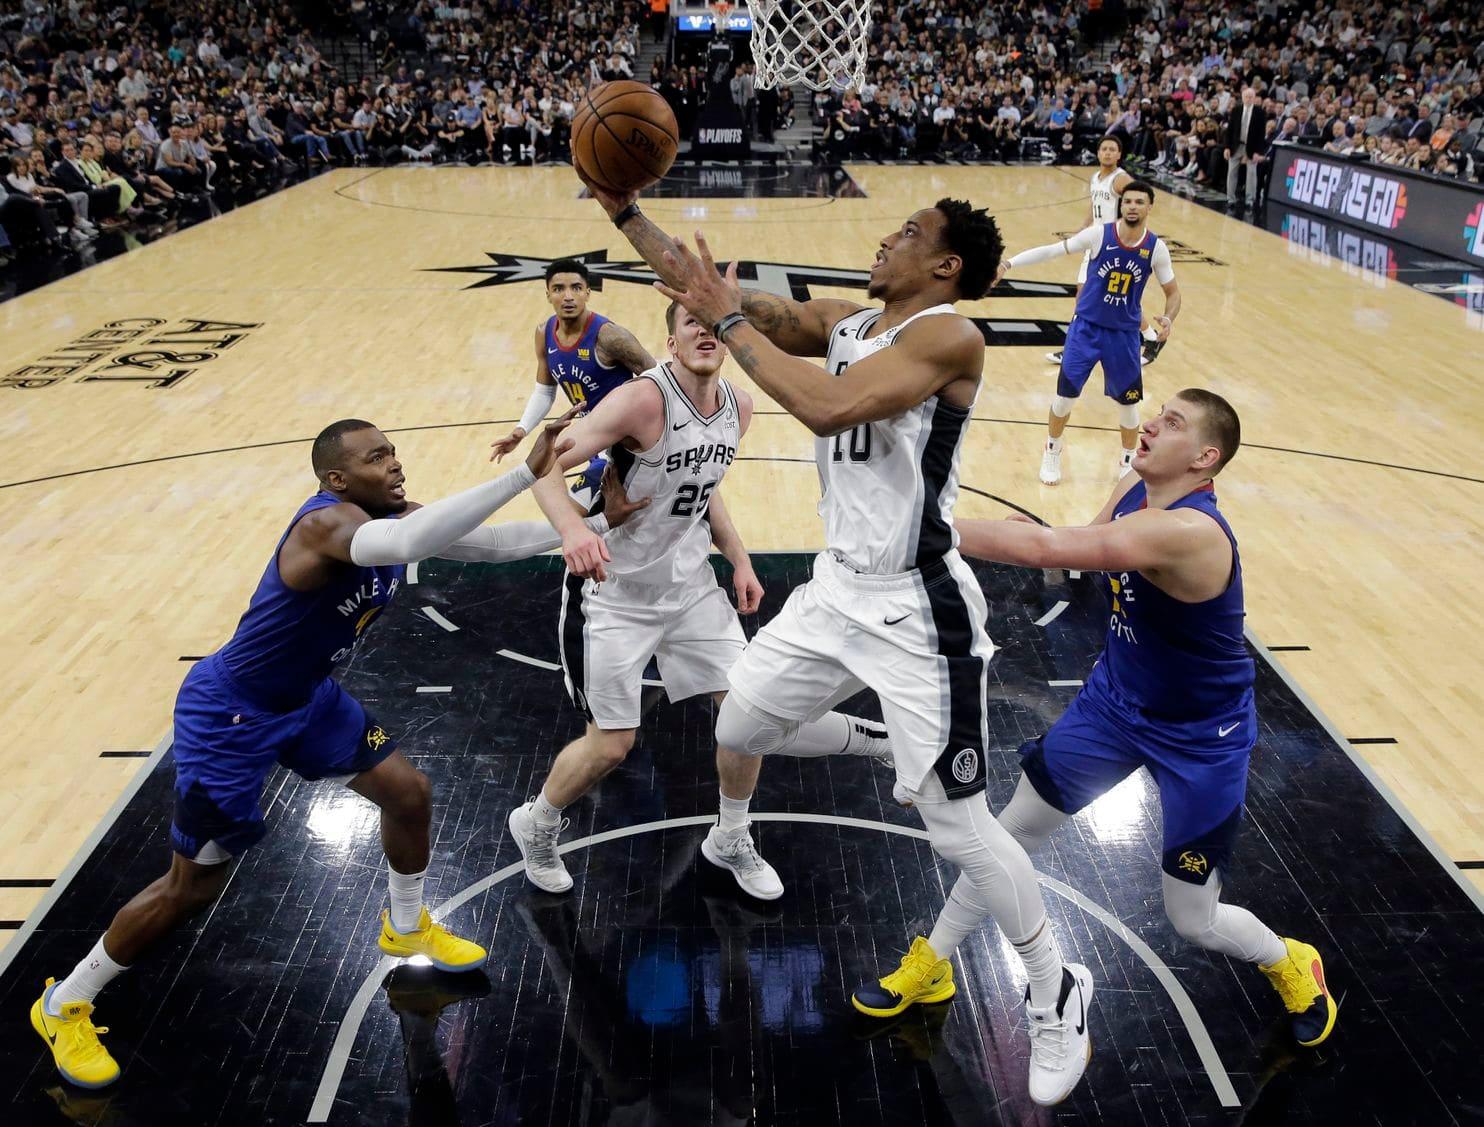 Nhận định NBA: Denver Nuggets vs San Antonio Spurs (ngày 28/4, 9h00)